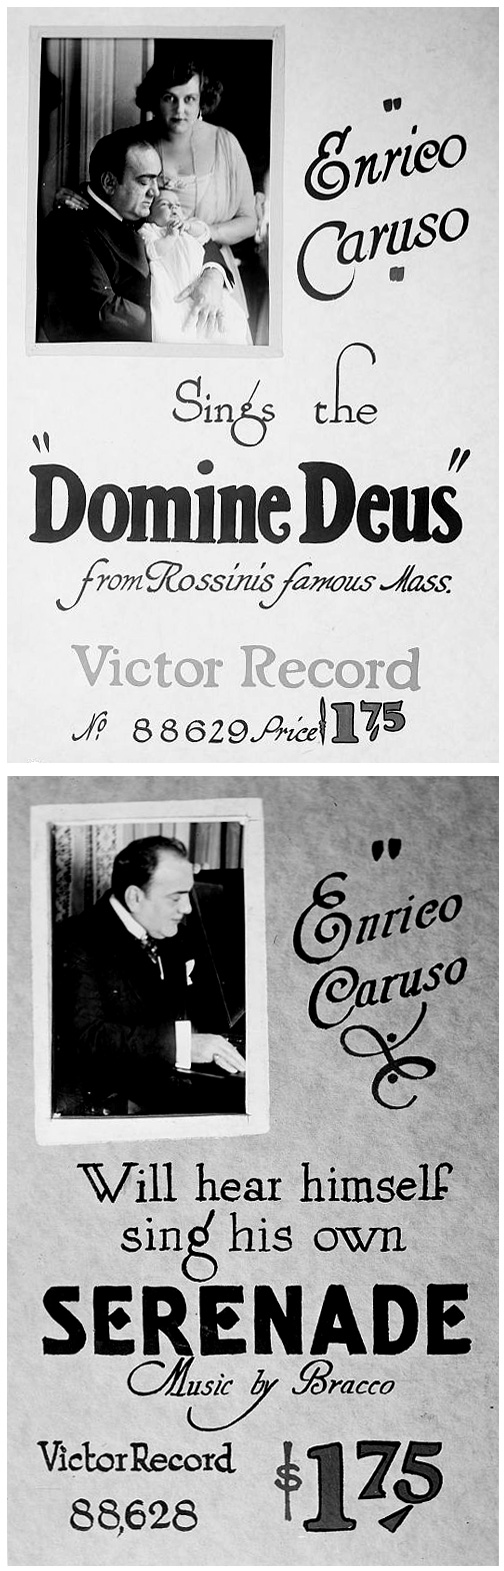 CARUSO_bain-posters